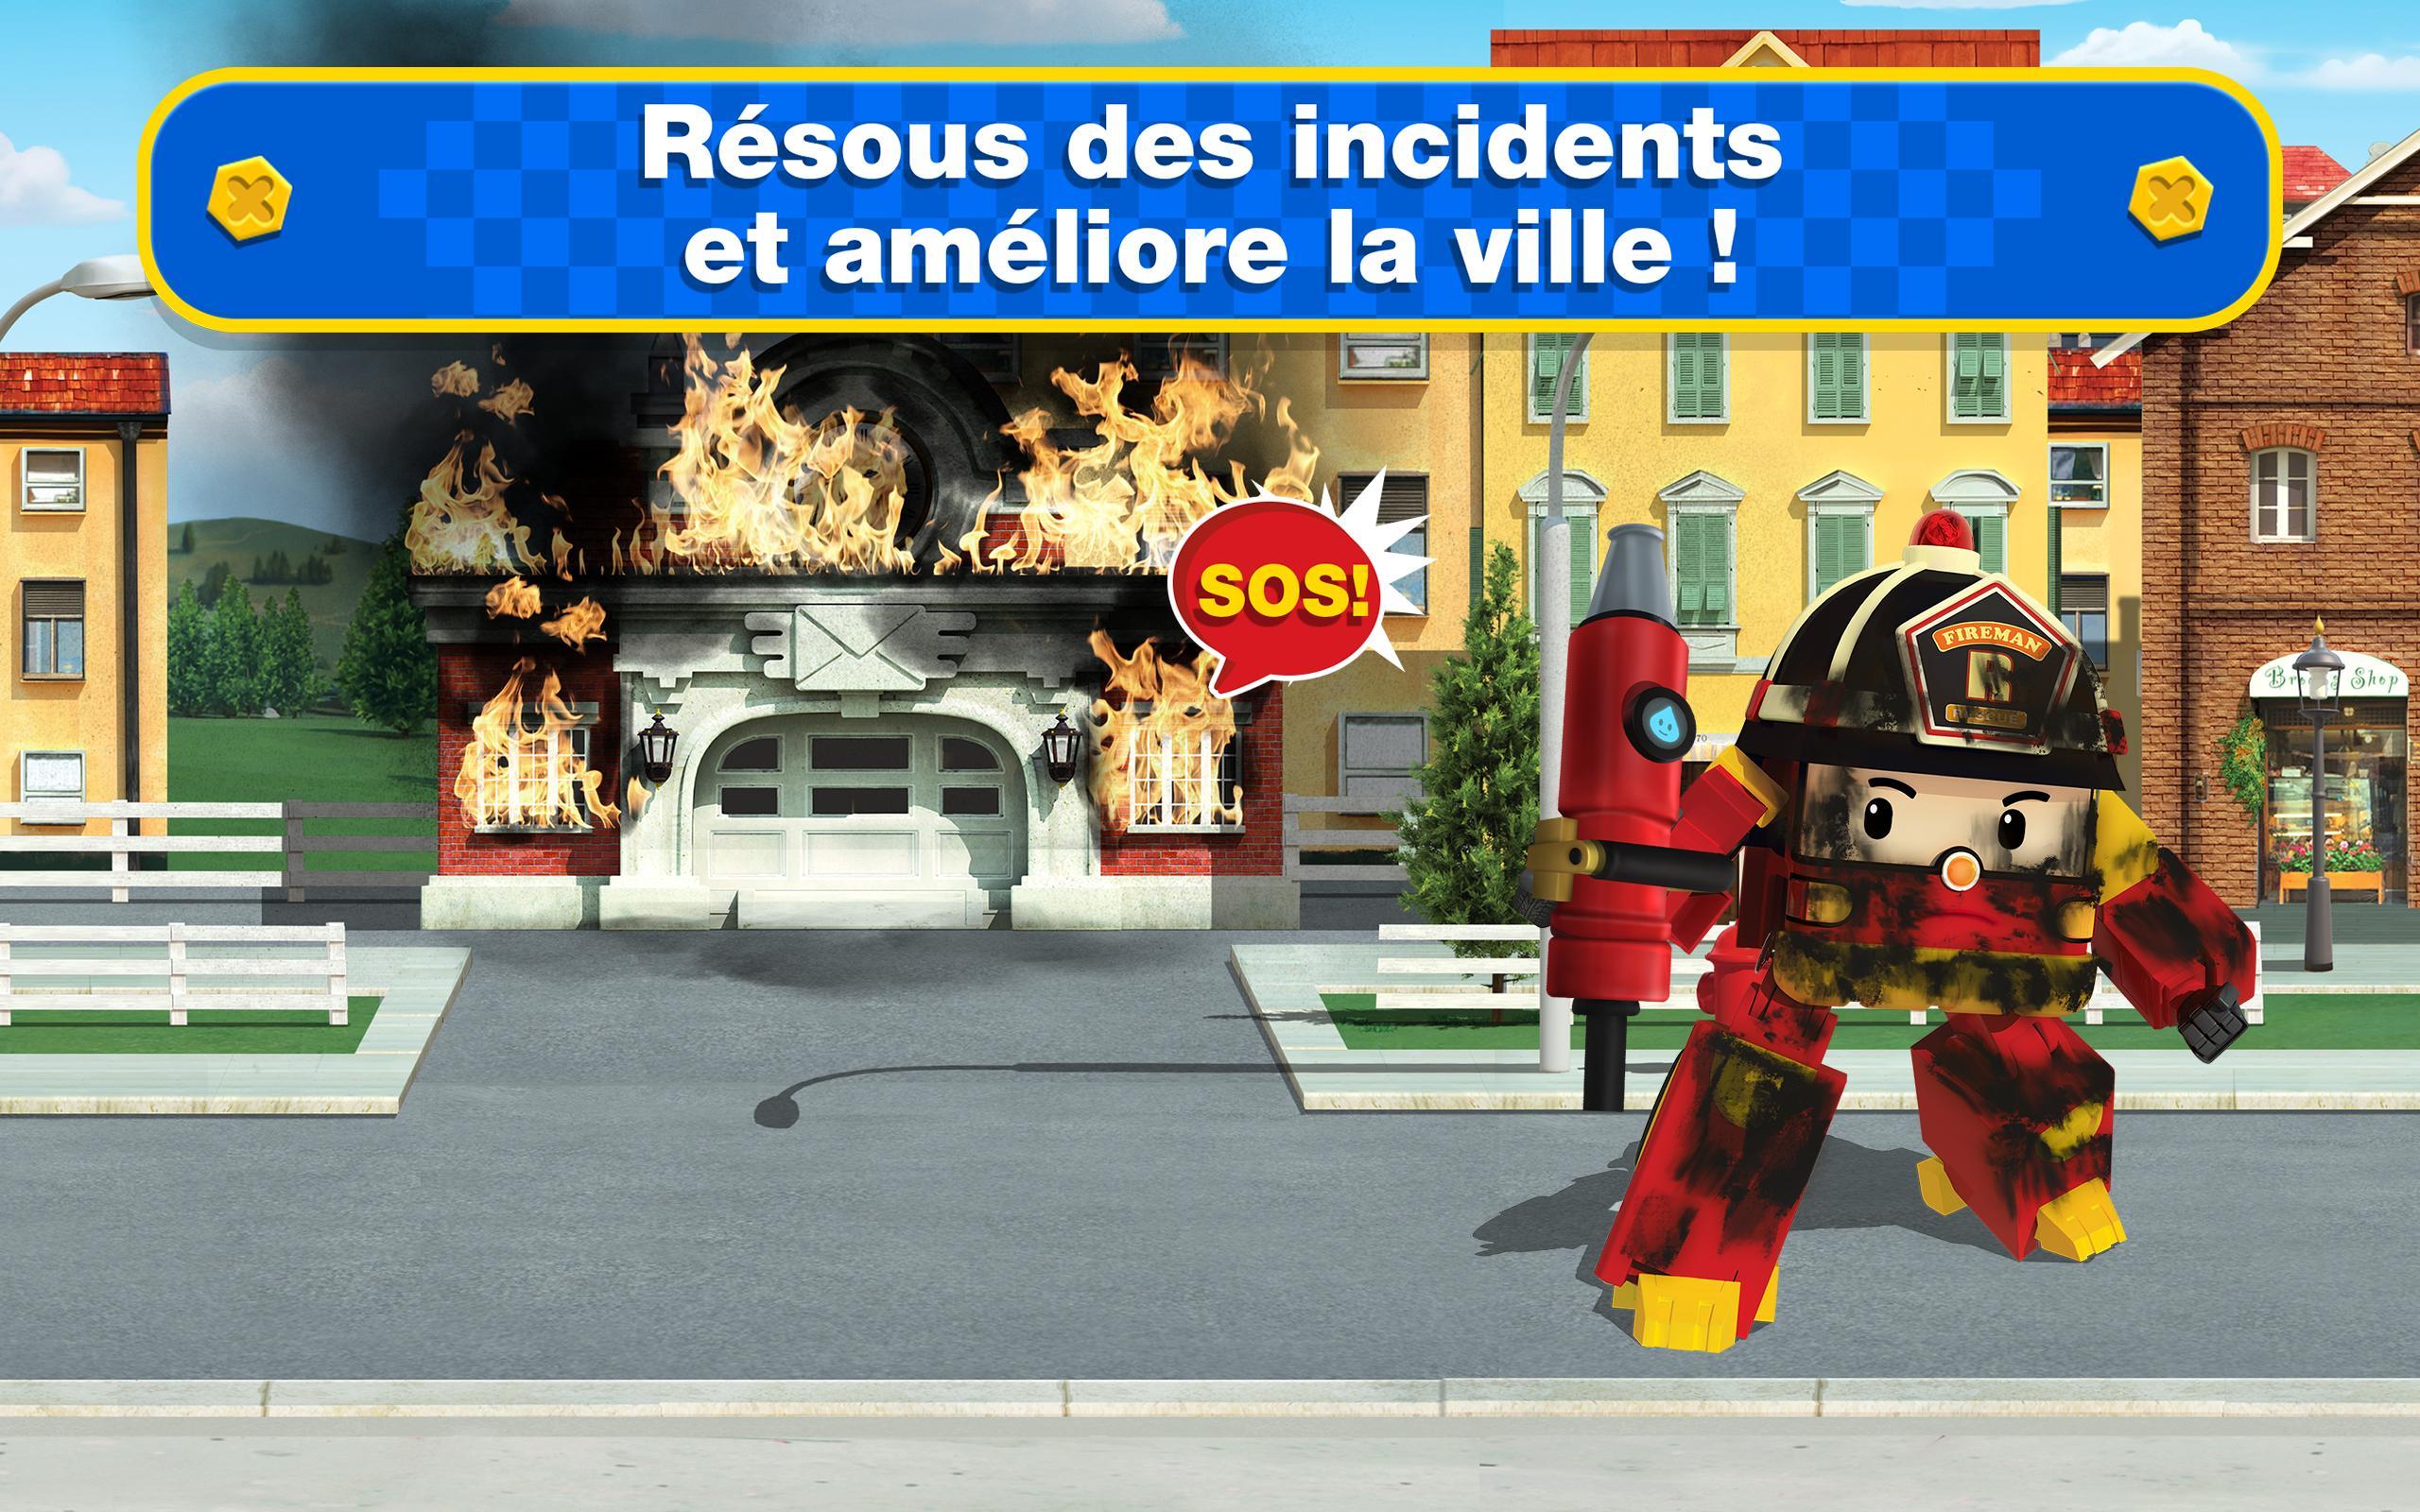 Robocar Poli Jeux 3 4 5 Ans Gratuit Games For Boys Pour tout Jeux 4 Ans Gratuit